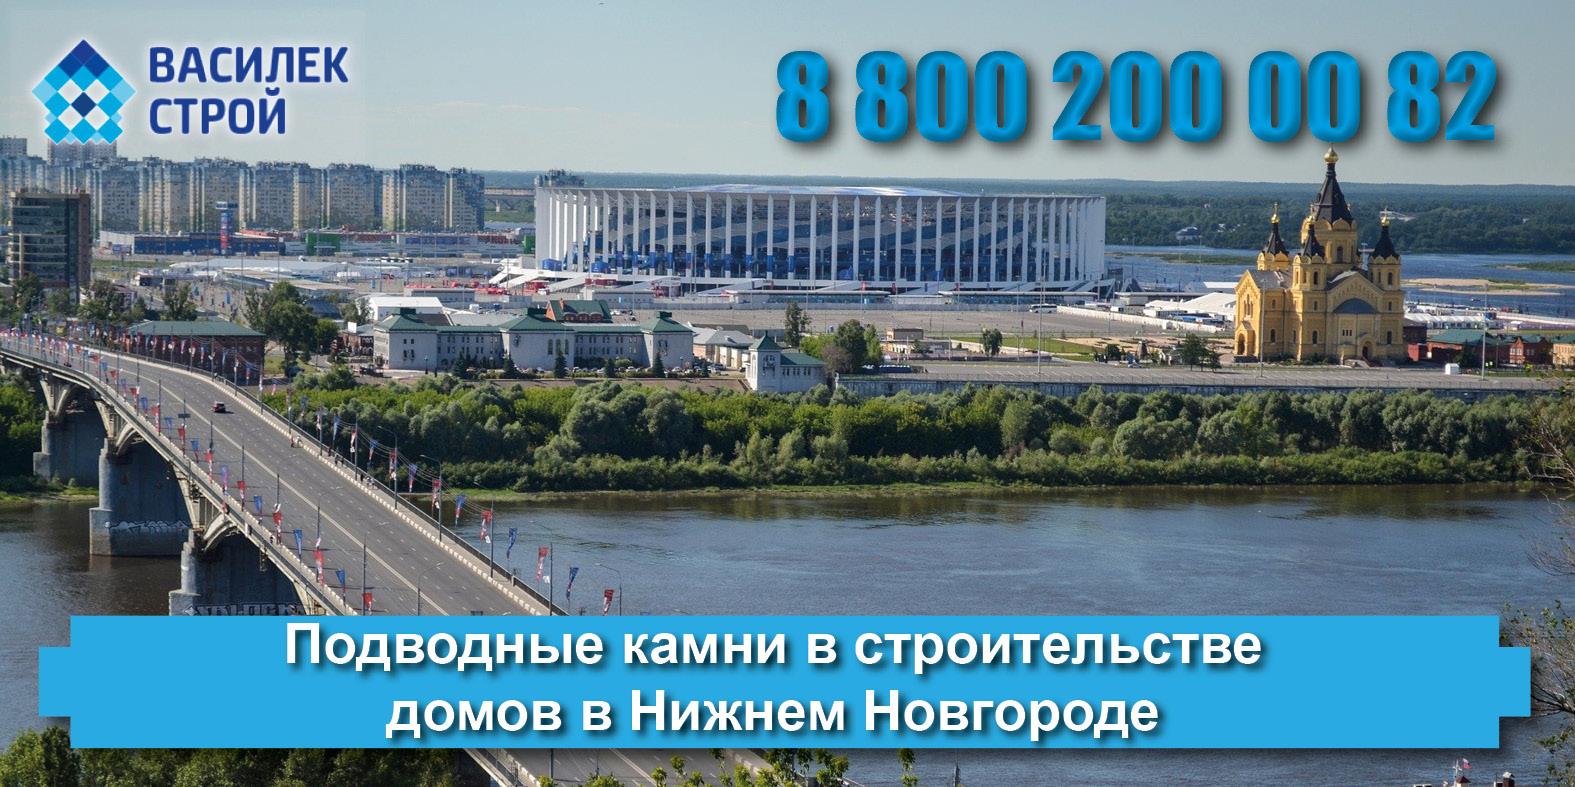 Подводные камни в строительстве домов в Нижнем Новгороде